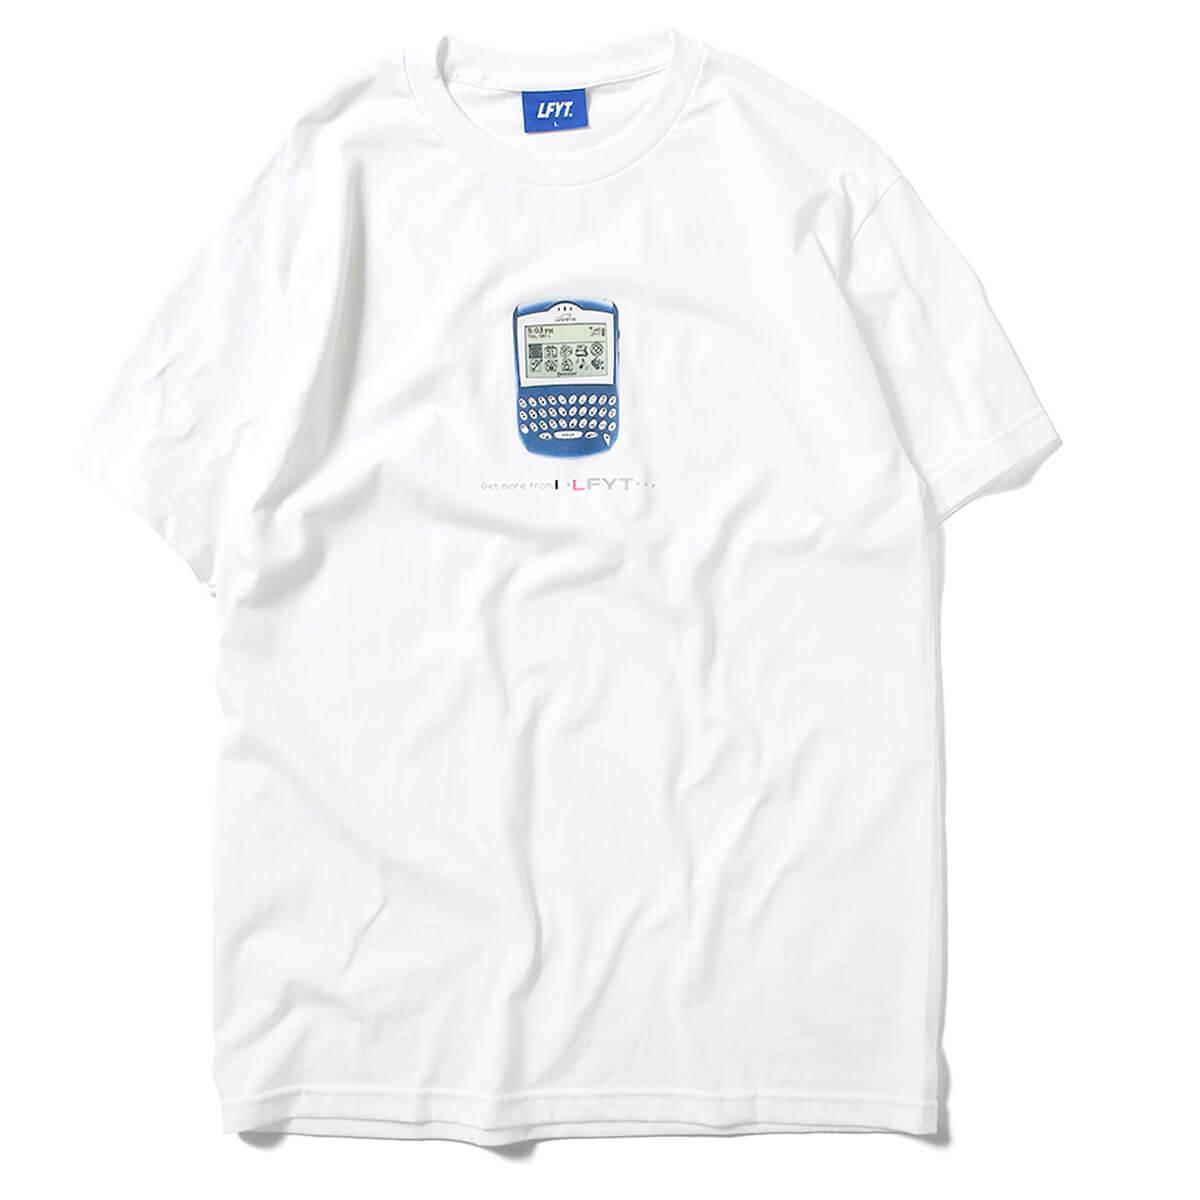 一万円以上で送料無料 正規品 ブランド 通販 あす楽 LFYT エルエフワイティー ◆高品質 FULL WHITE 国内在庫 LA210106 Tシャツ 半袖 ホワイト KEYBOARD TEE